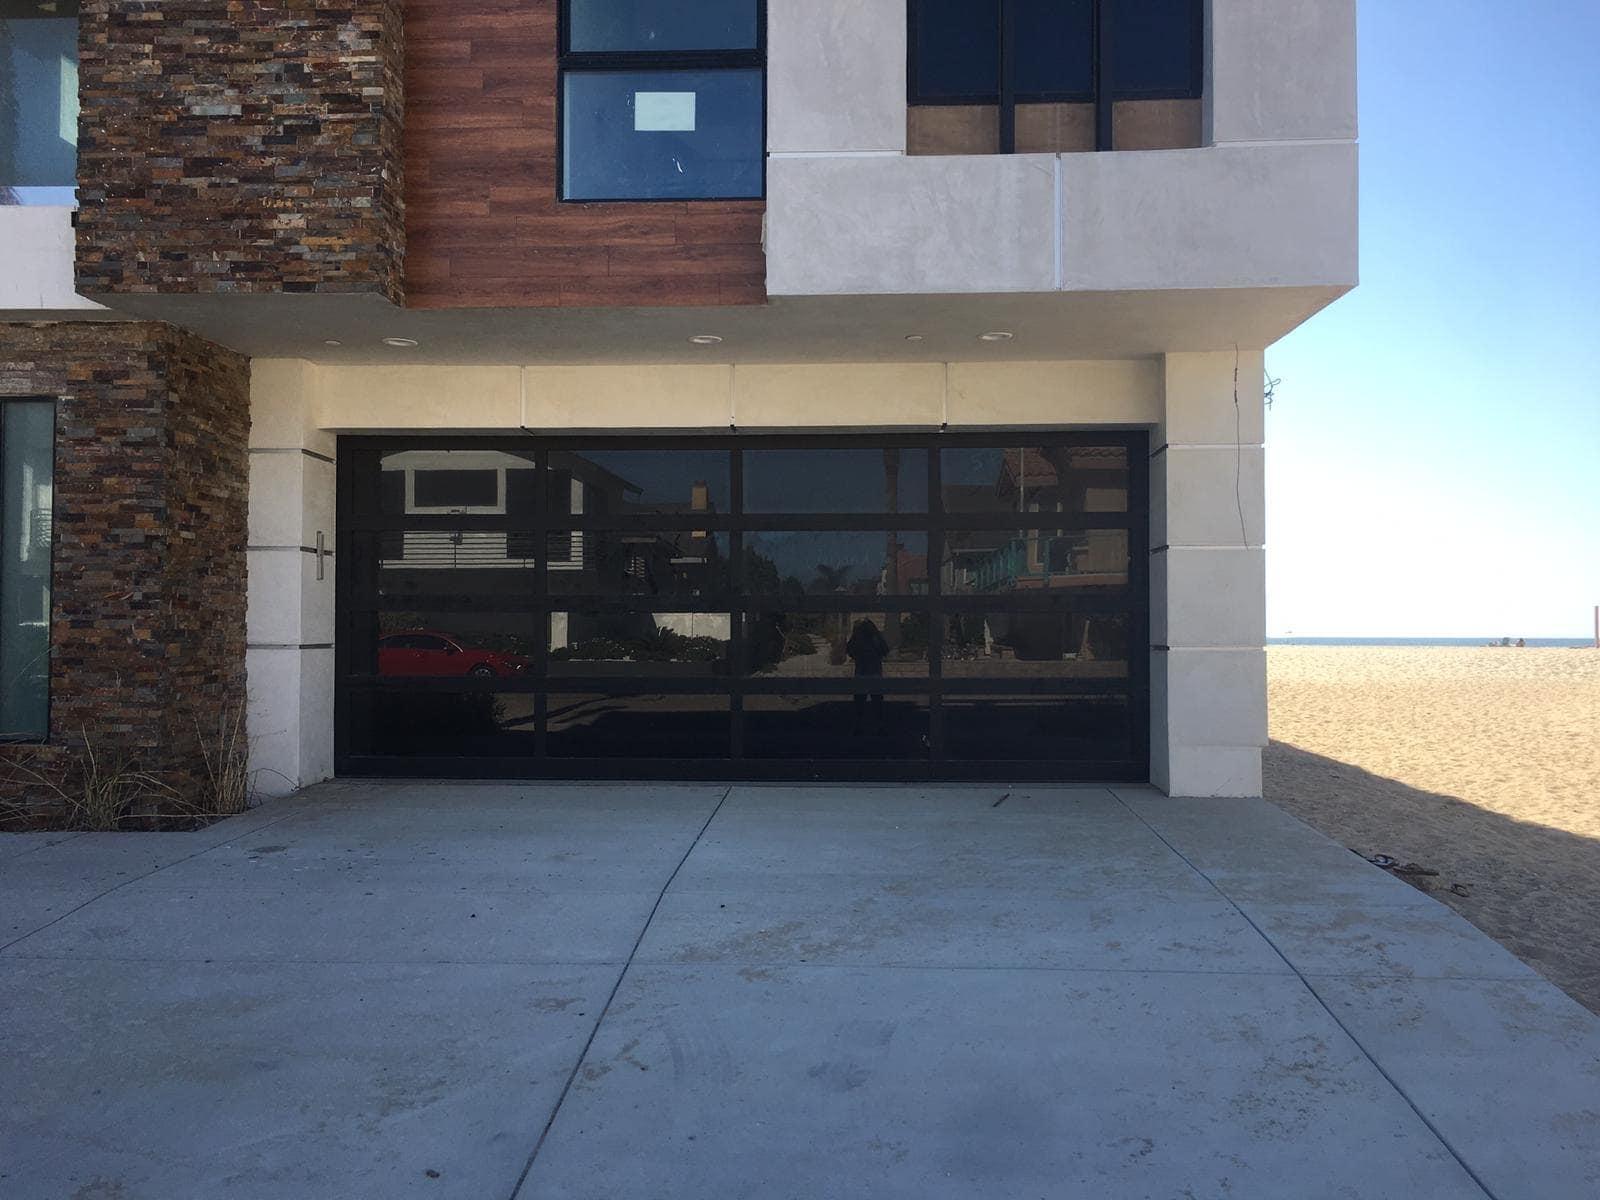 Rio Linda Garage door repair and replacement